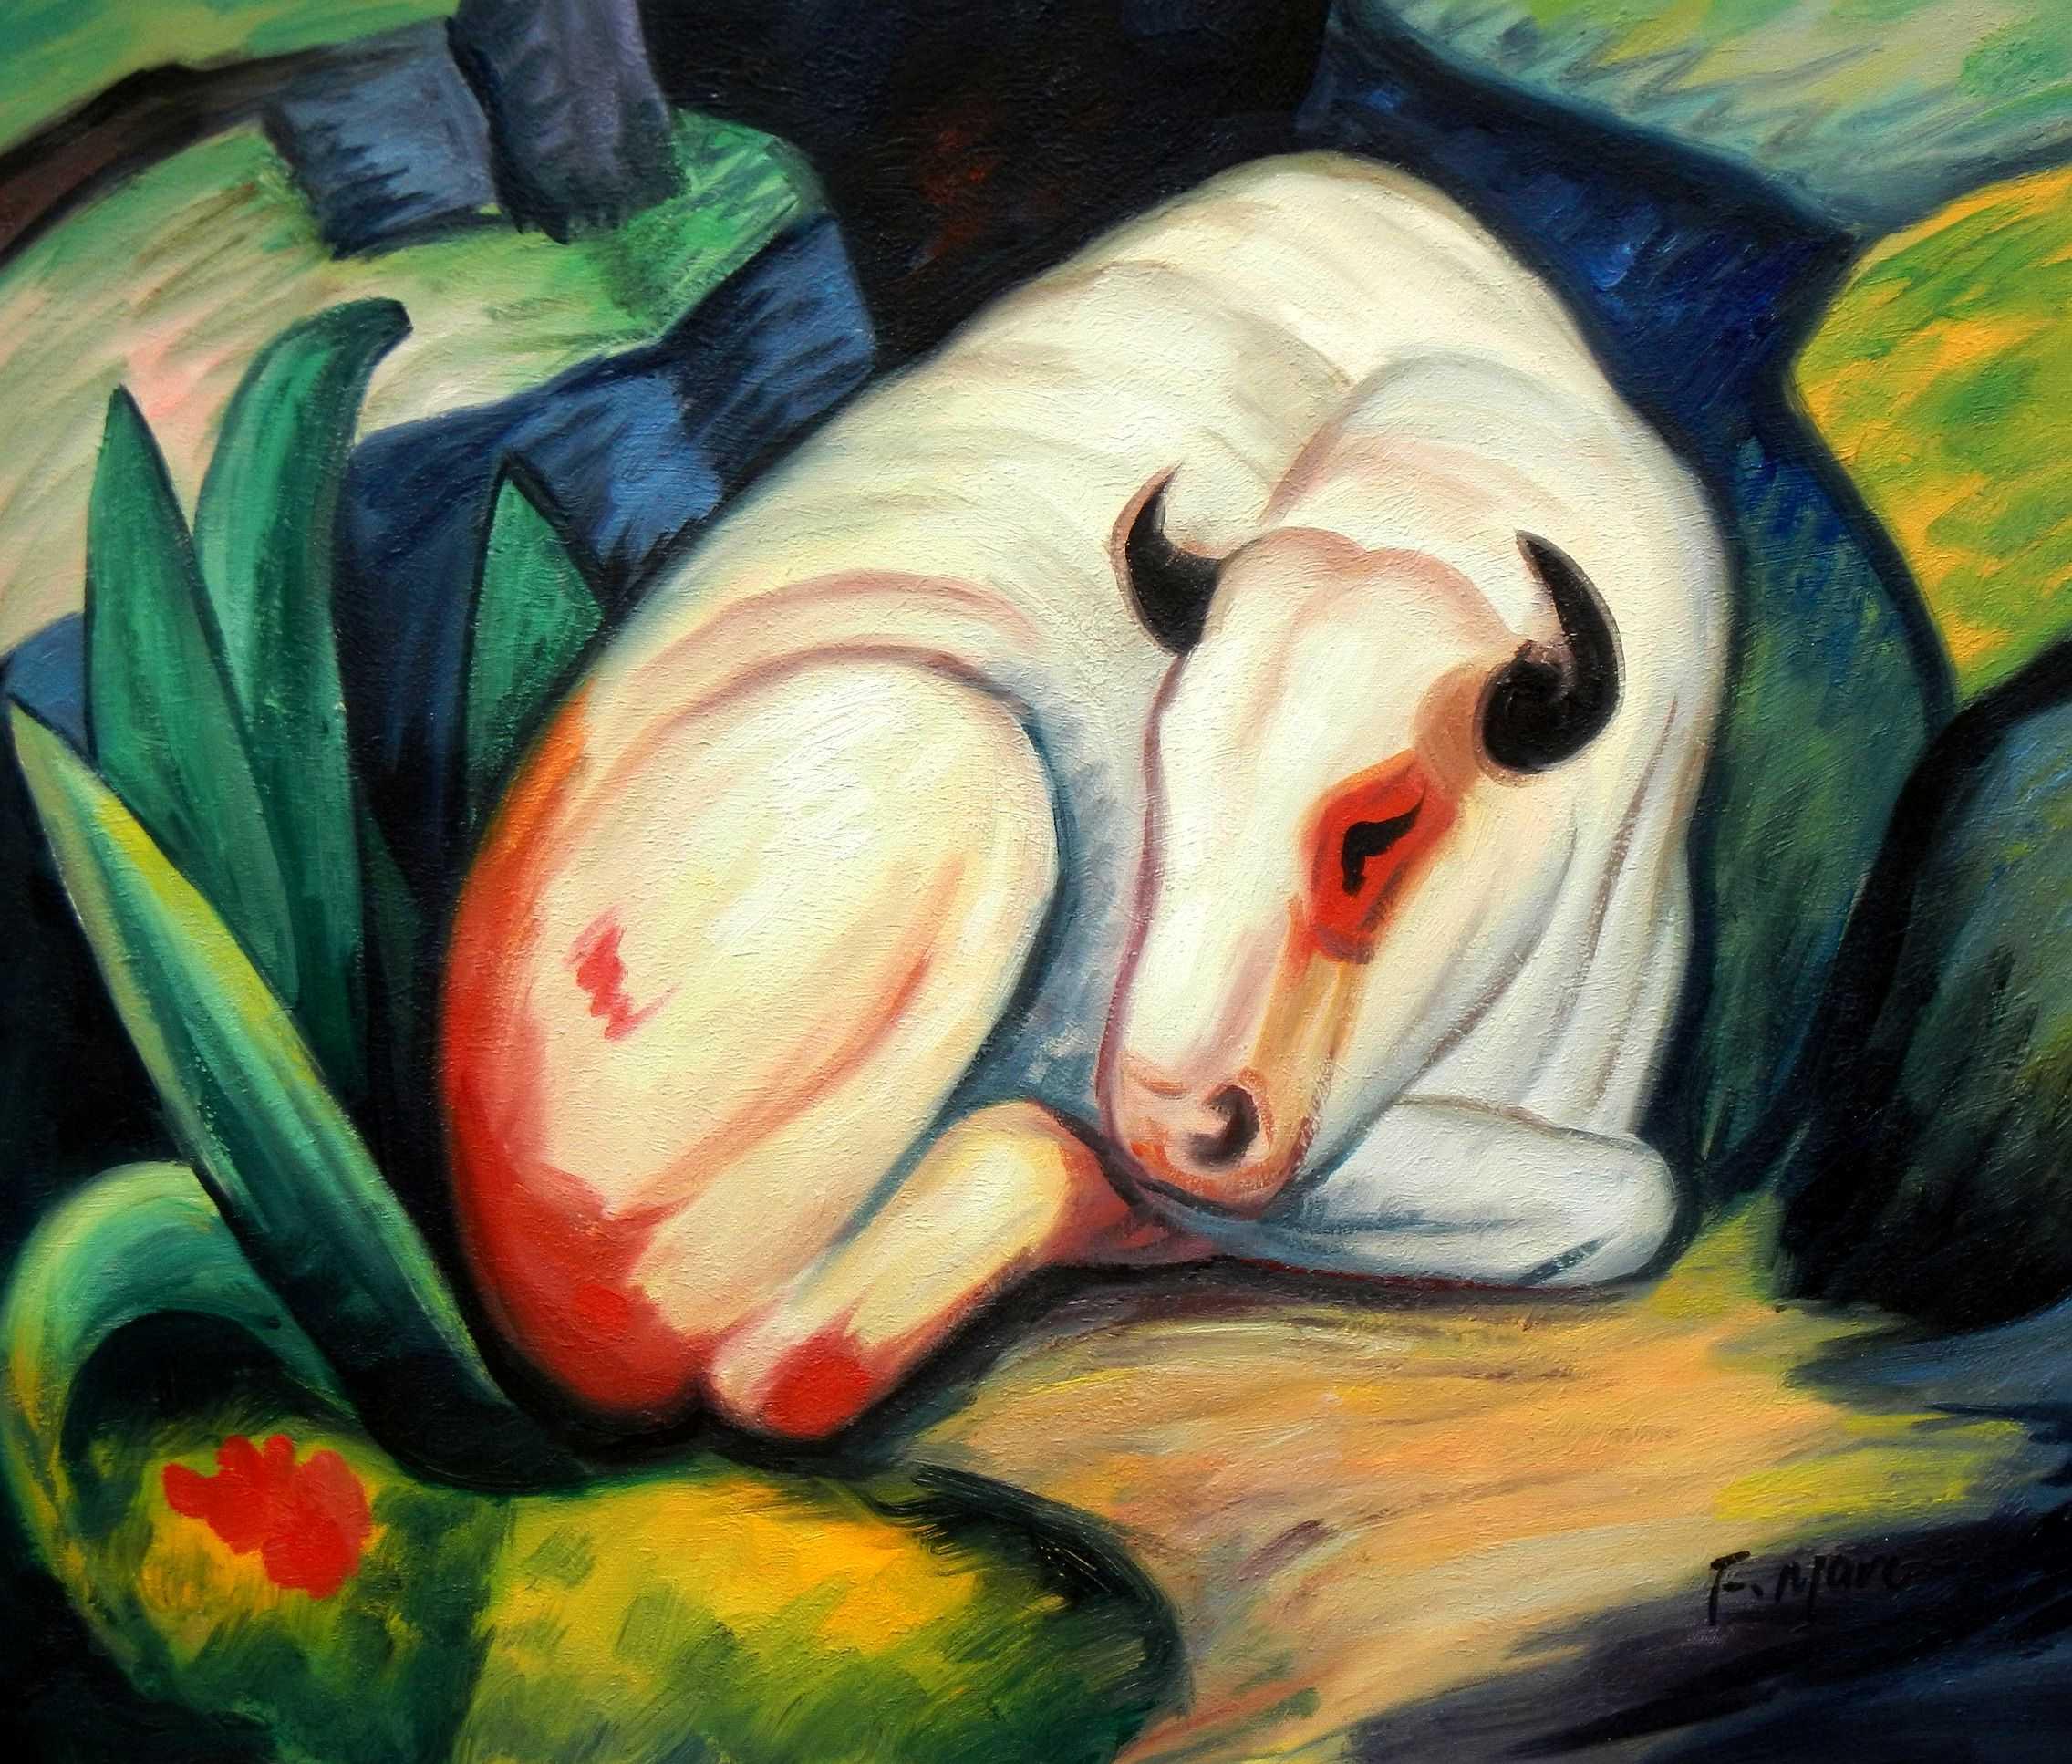 Franz Marc - Der weiße Bulle c94841 50x60cm Expressionismus Ölgemälde